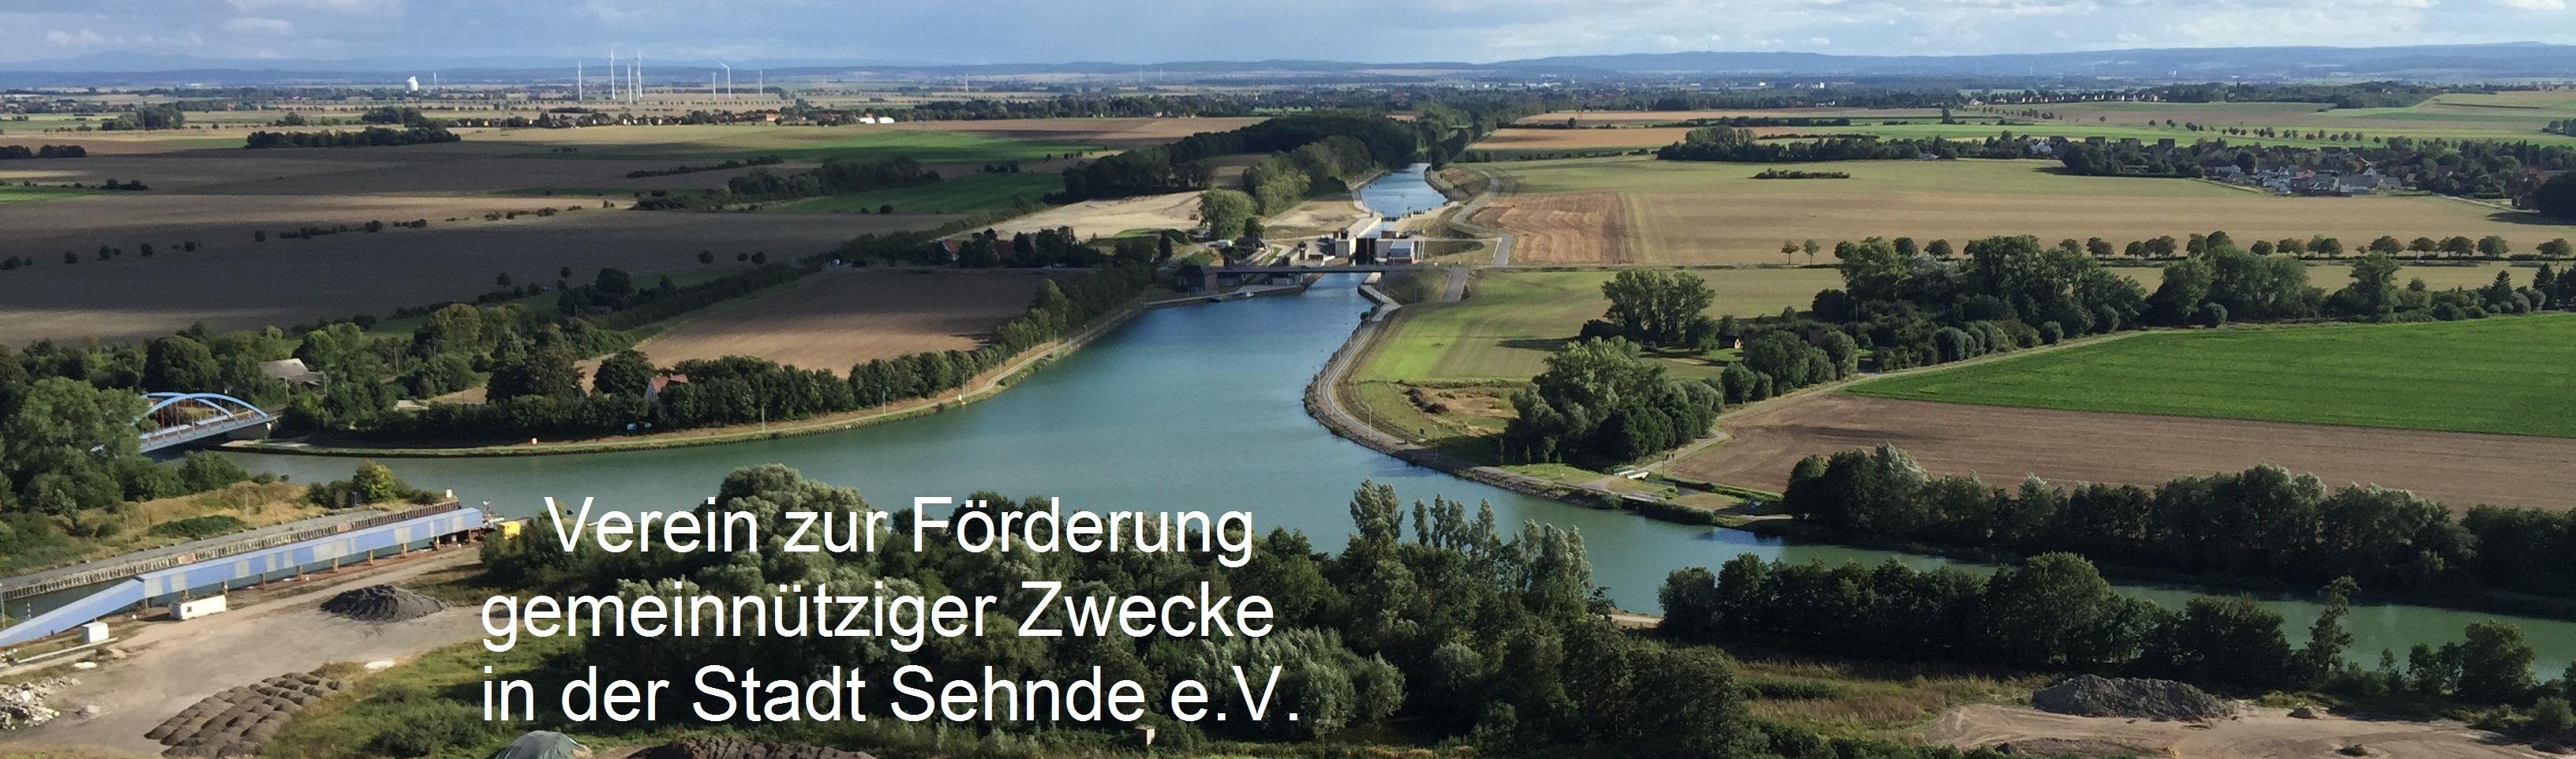 Verein zur Förderung gemeinnütziger Zweck in der Stadt Sehnde  e.V.